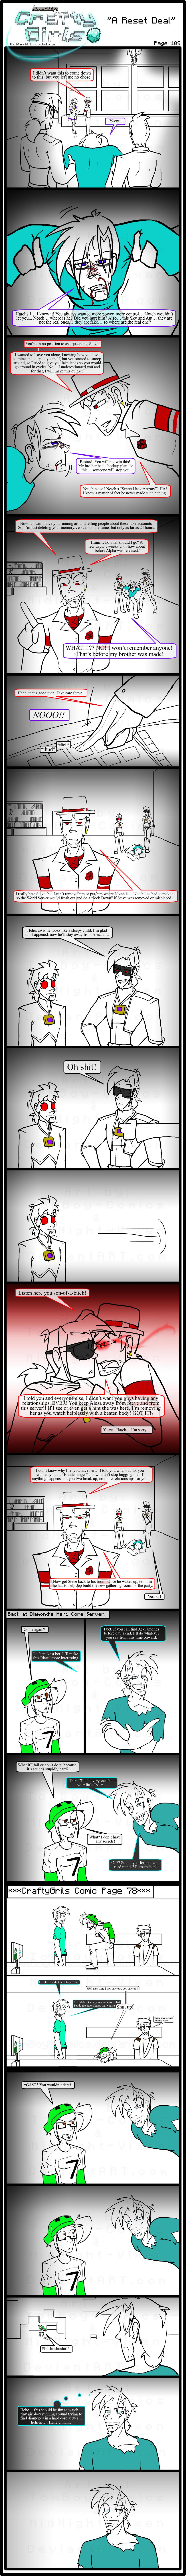 Minecraft Comic: CraftyGirls Pg 109 by TomBoy-Comics